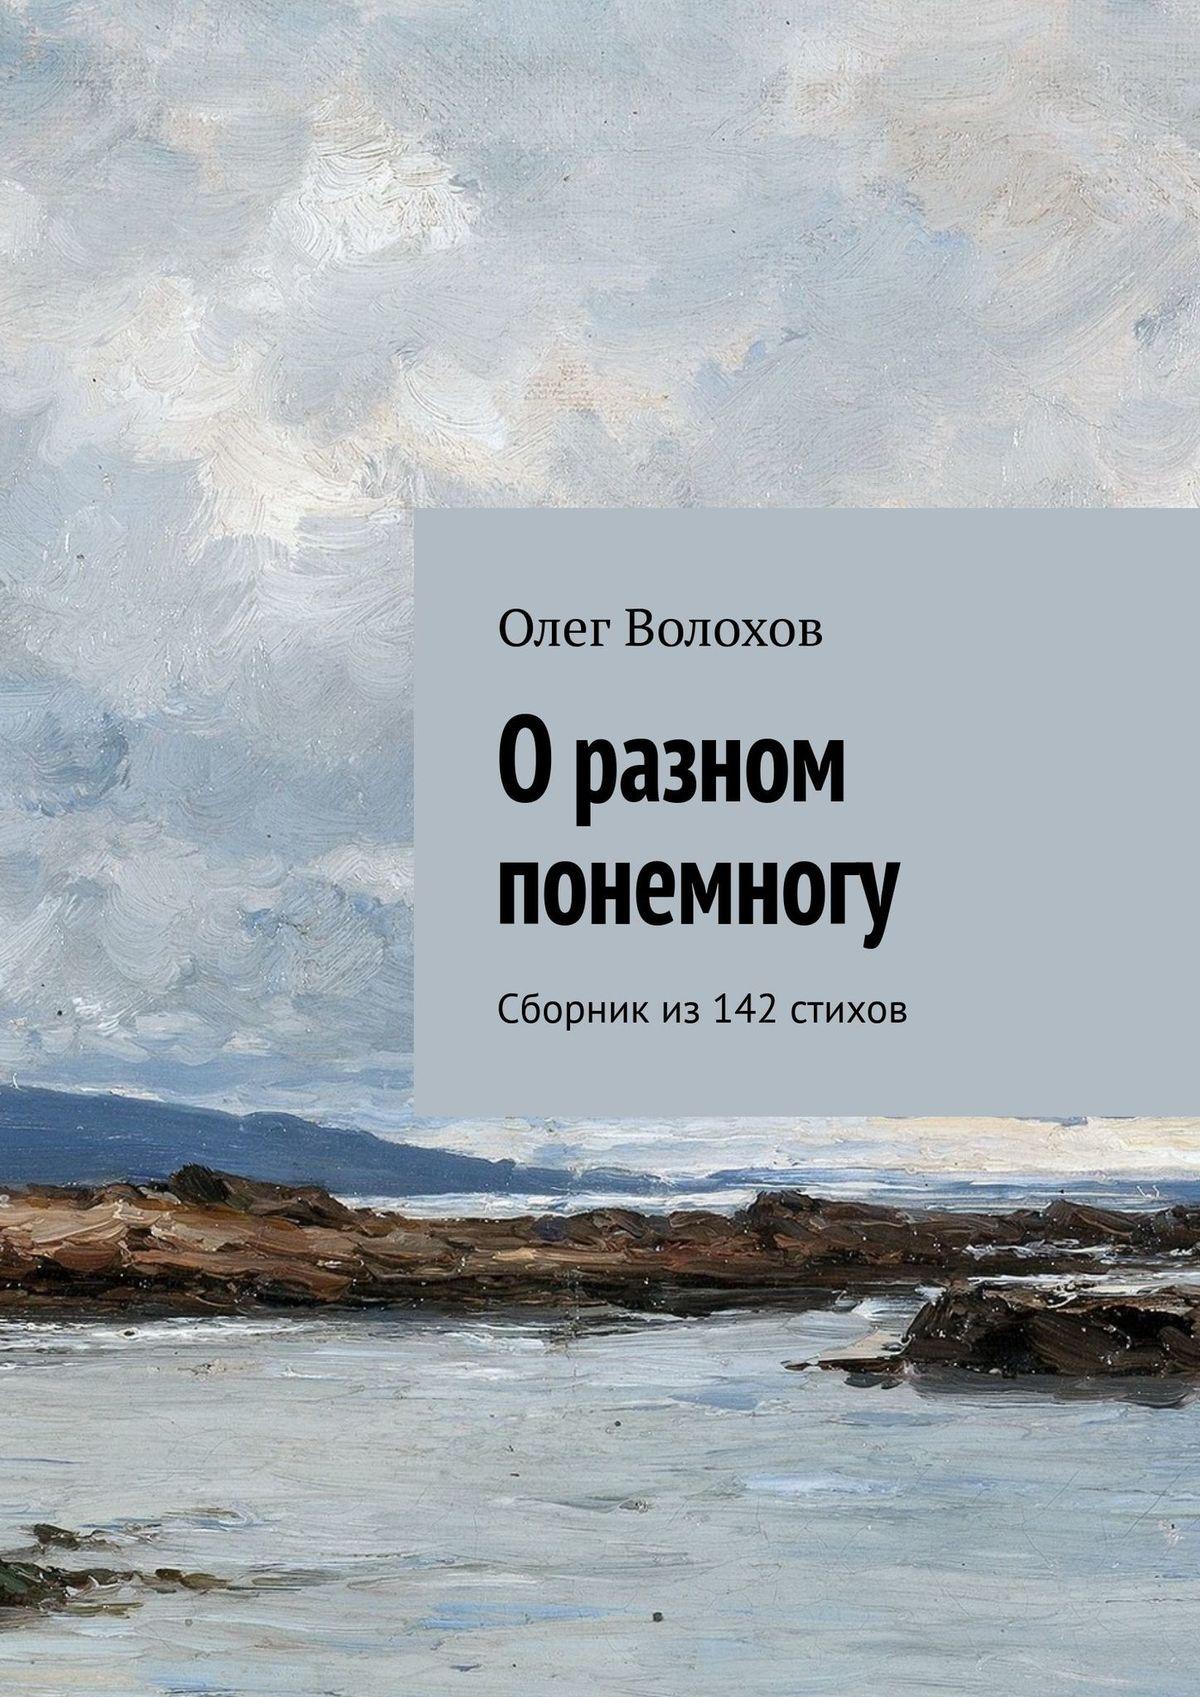 Олег Волохов Оразном понемногу. Сборник из142стихов цены онлайн